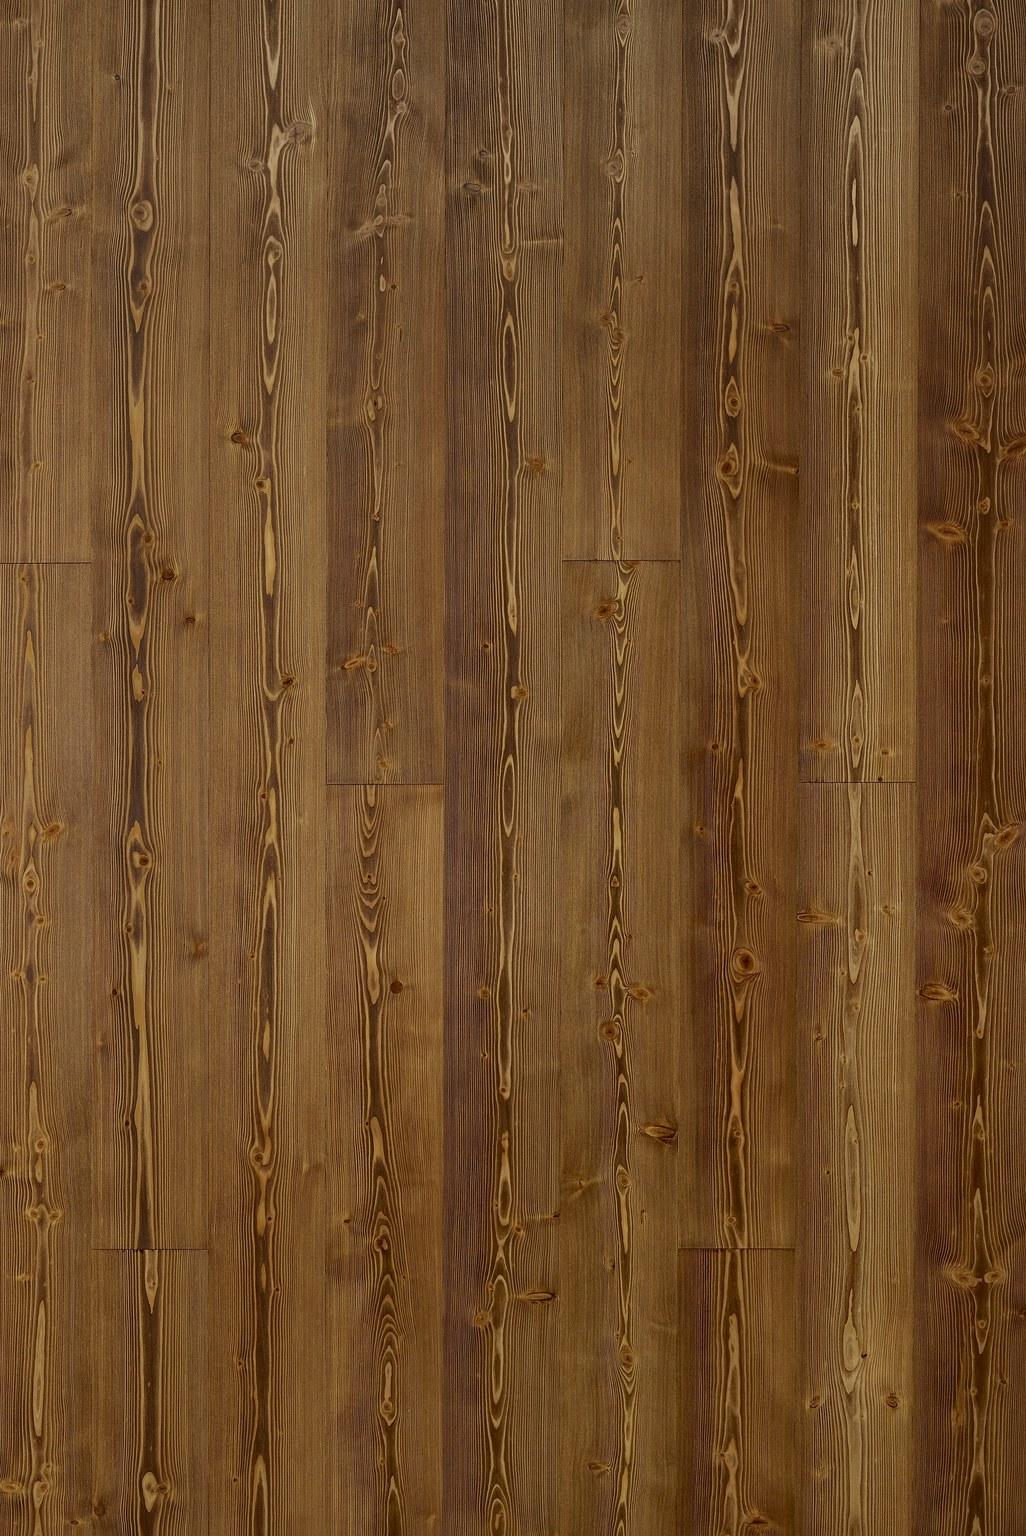 Timberwise Parketti Lankkuparketti Puulattia Wooden Floor Parquet Plank Lehtikuusi Larch Cognac 2D1